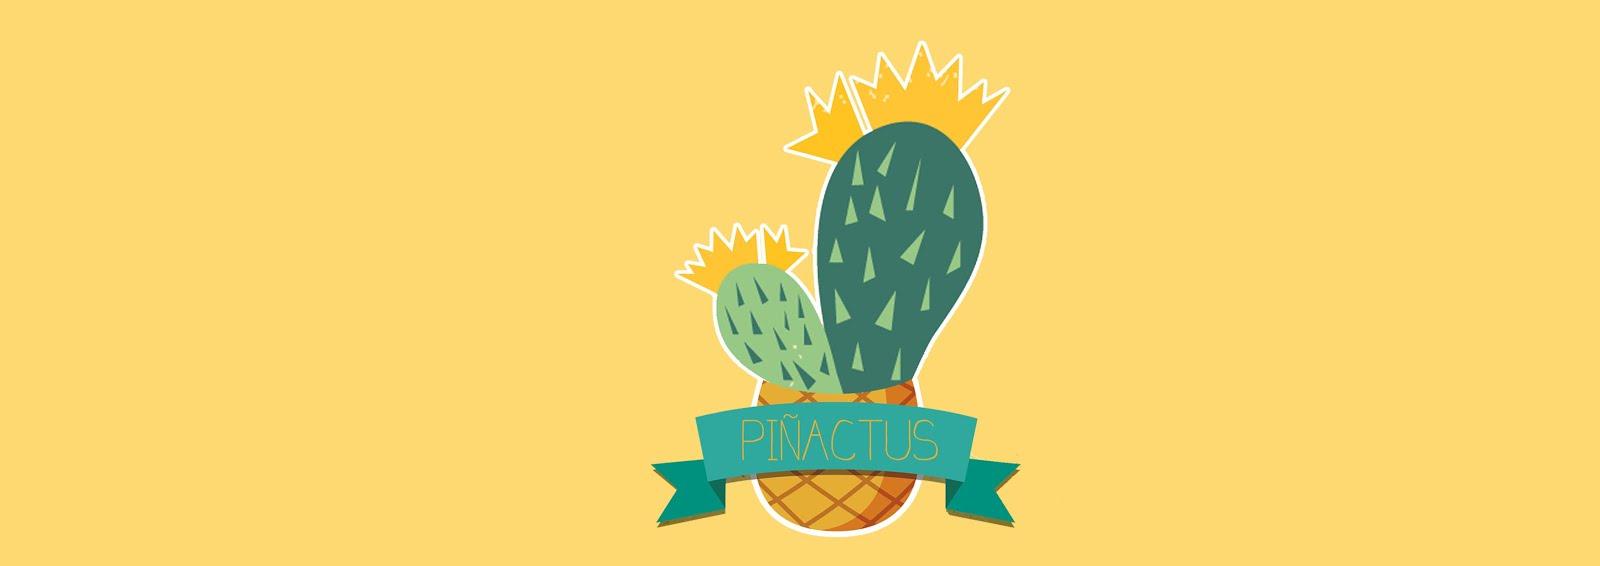 Piñactus